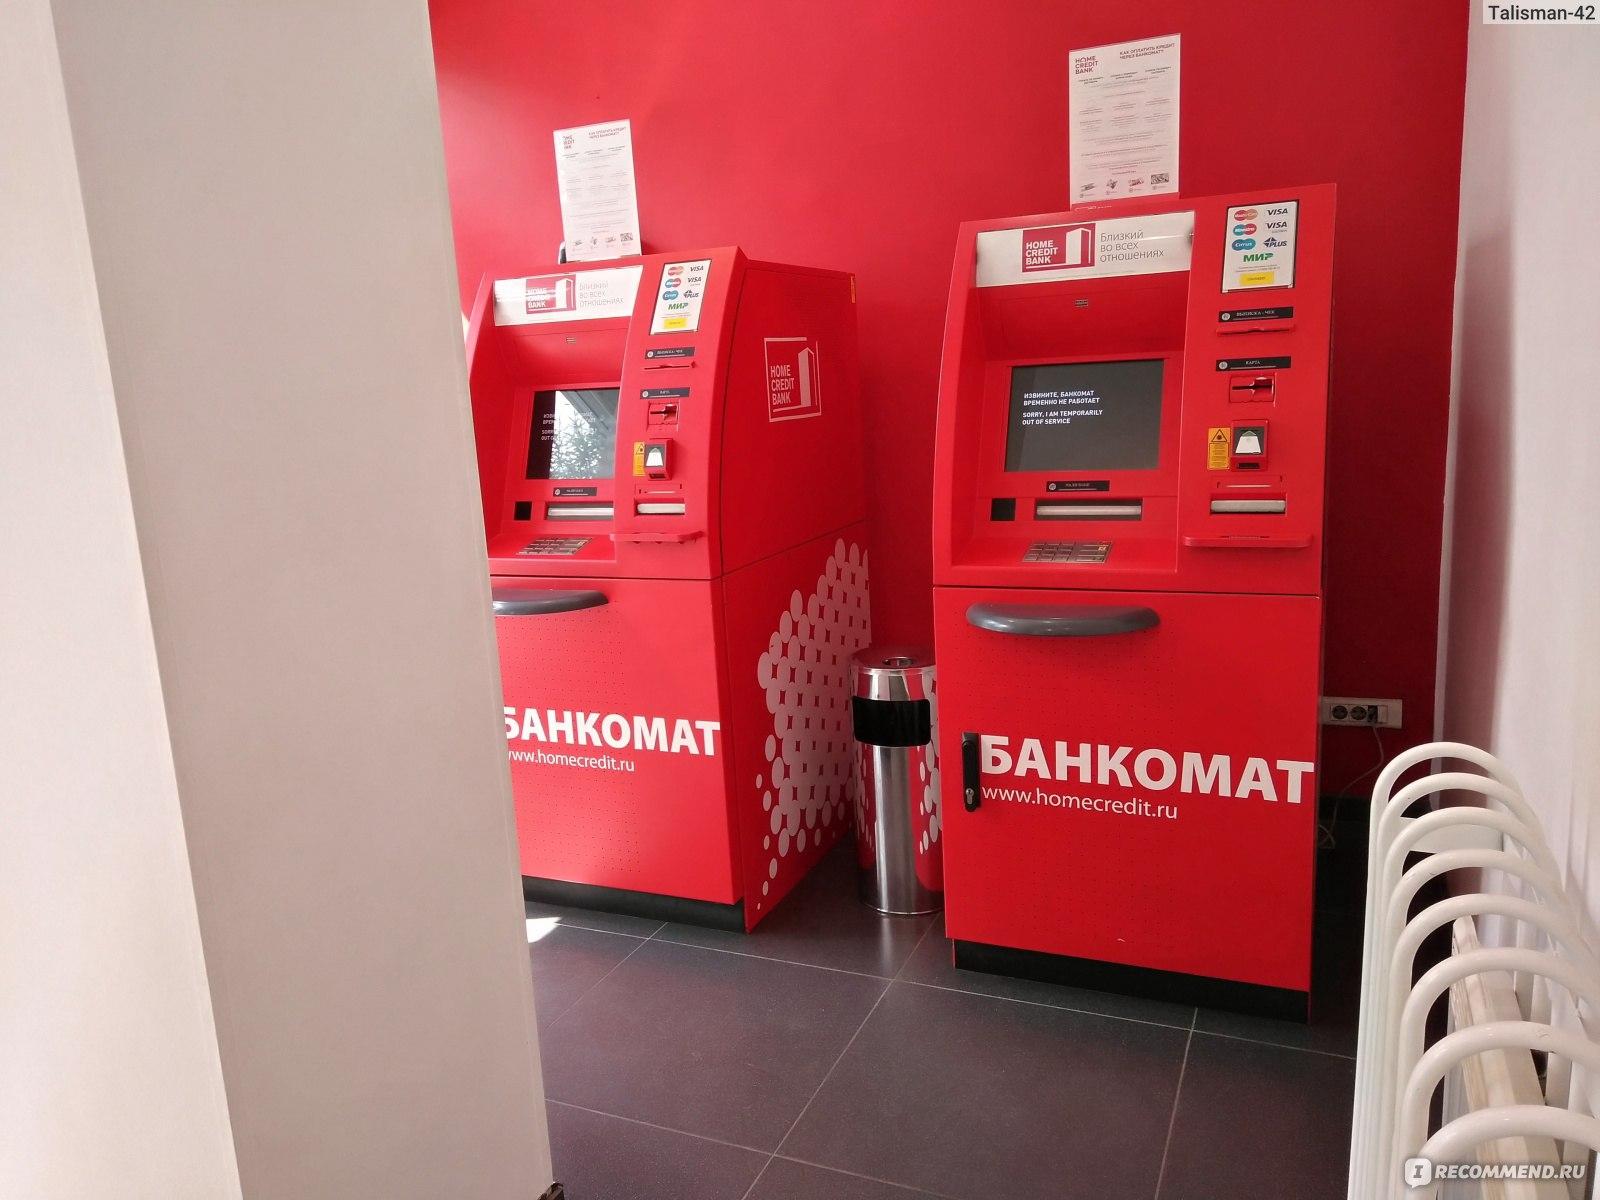 кредит онлайн заявка без отказа без проверки